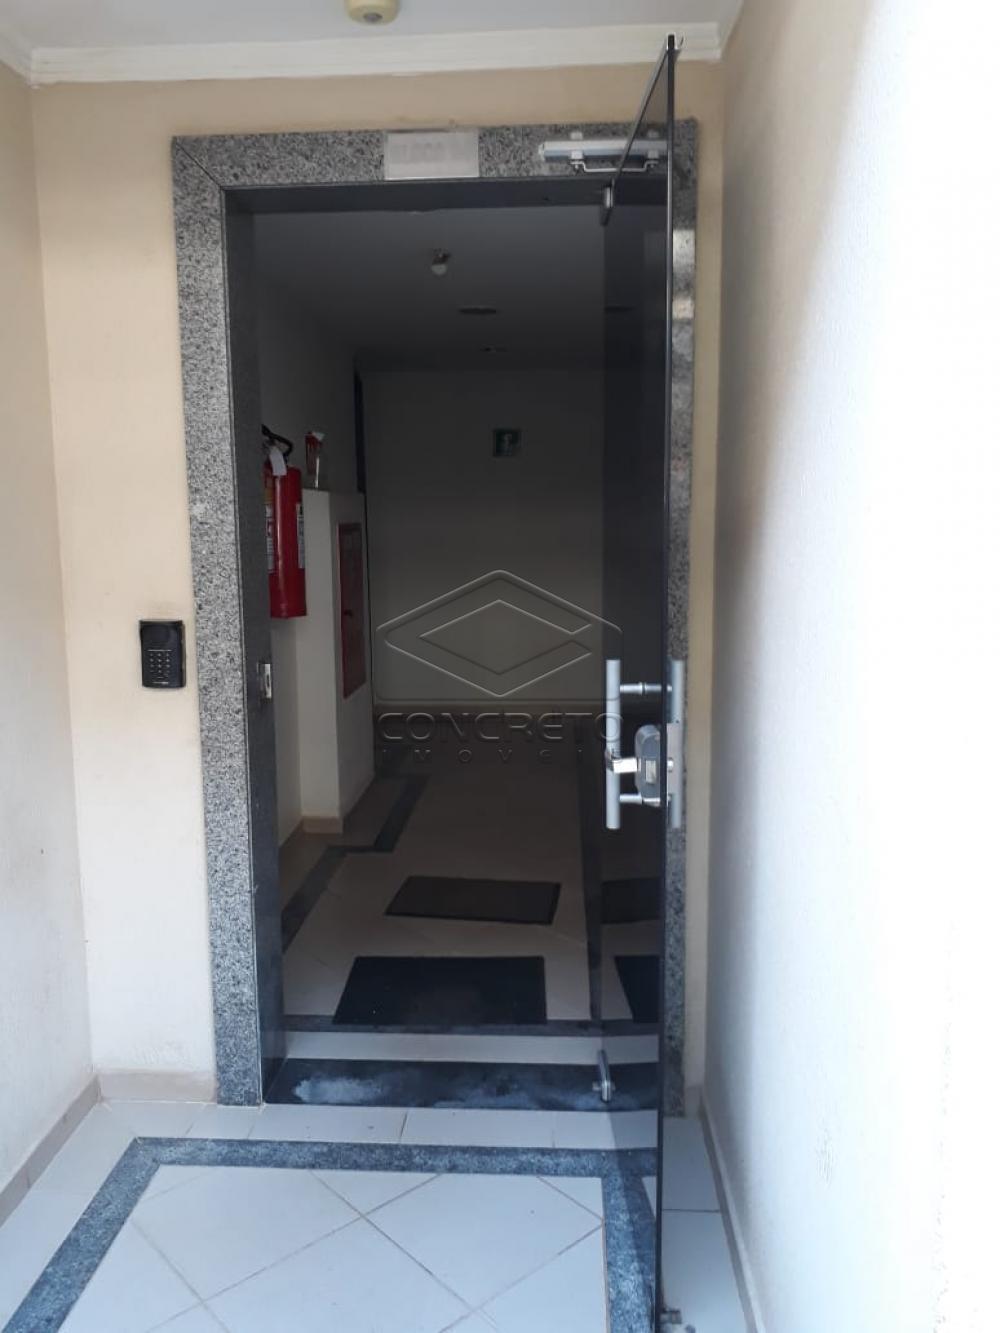 Comprar Apartamento / Padrão em Bauru apenas R$ 140.000,00 - Foto 14